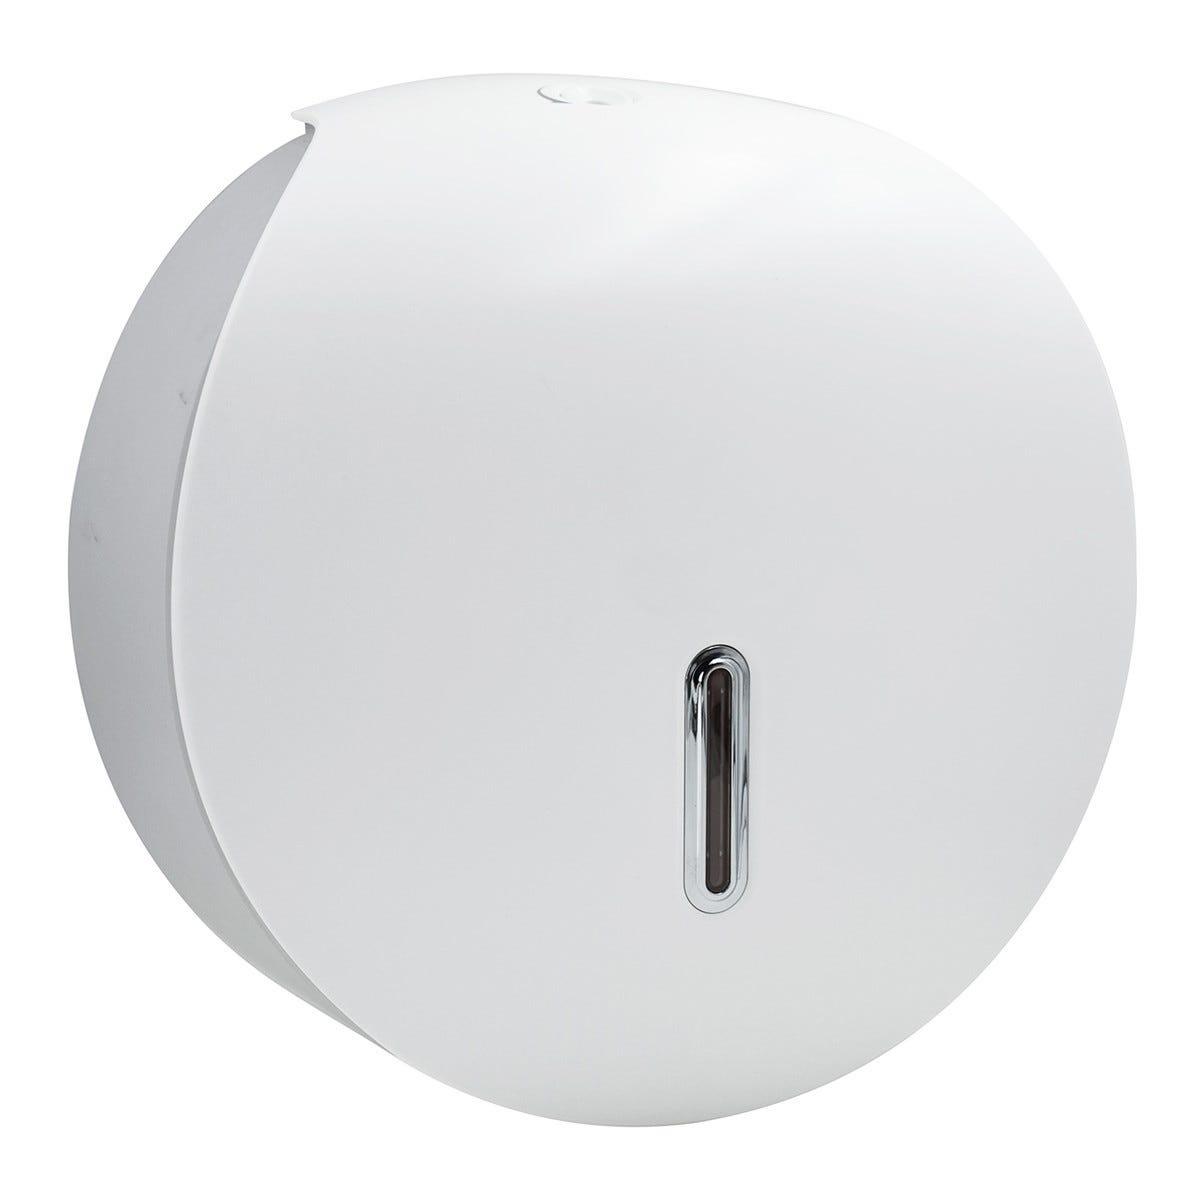 Dispenser Di Carta Igienica Fissaggio A Muro Colore Bianco E Grigio